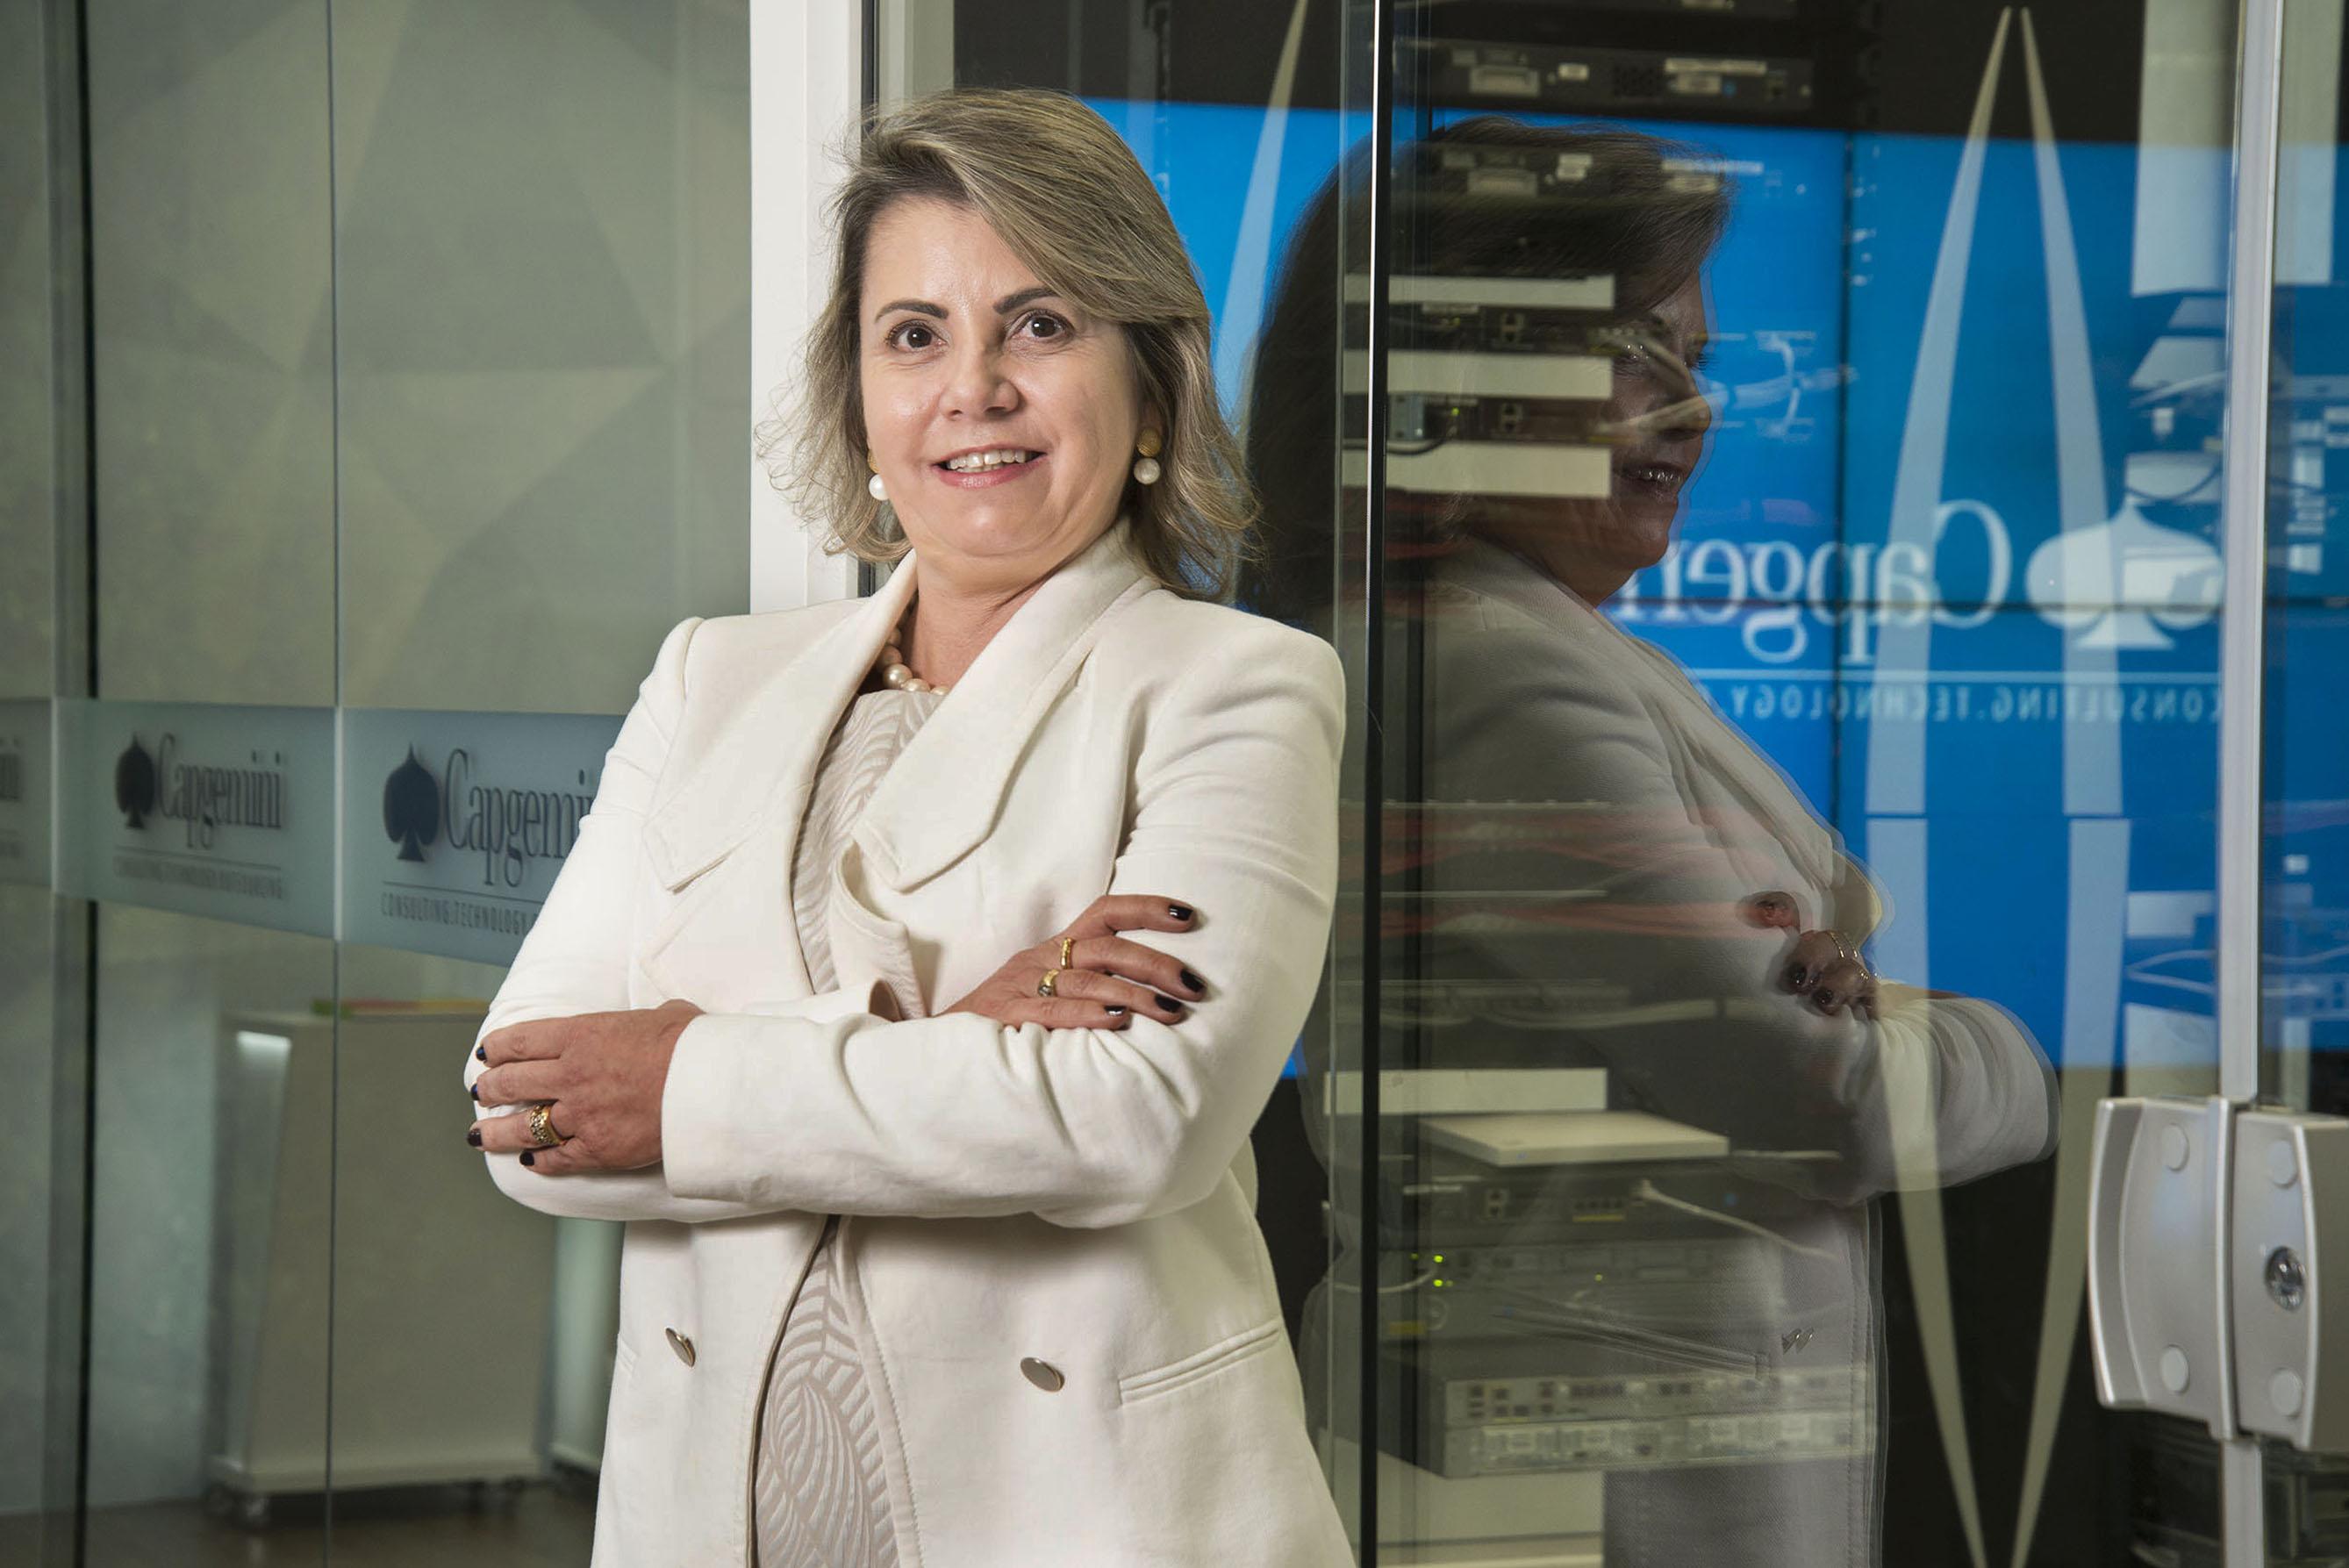 Moradora de Alphaville está entre as duas únicas mulheres vice-presidentes da multinacional Capgemini no Brasil